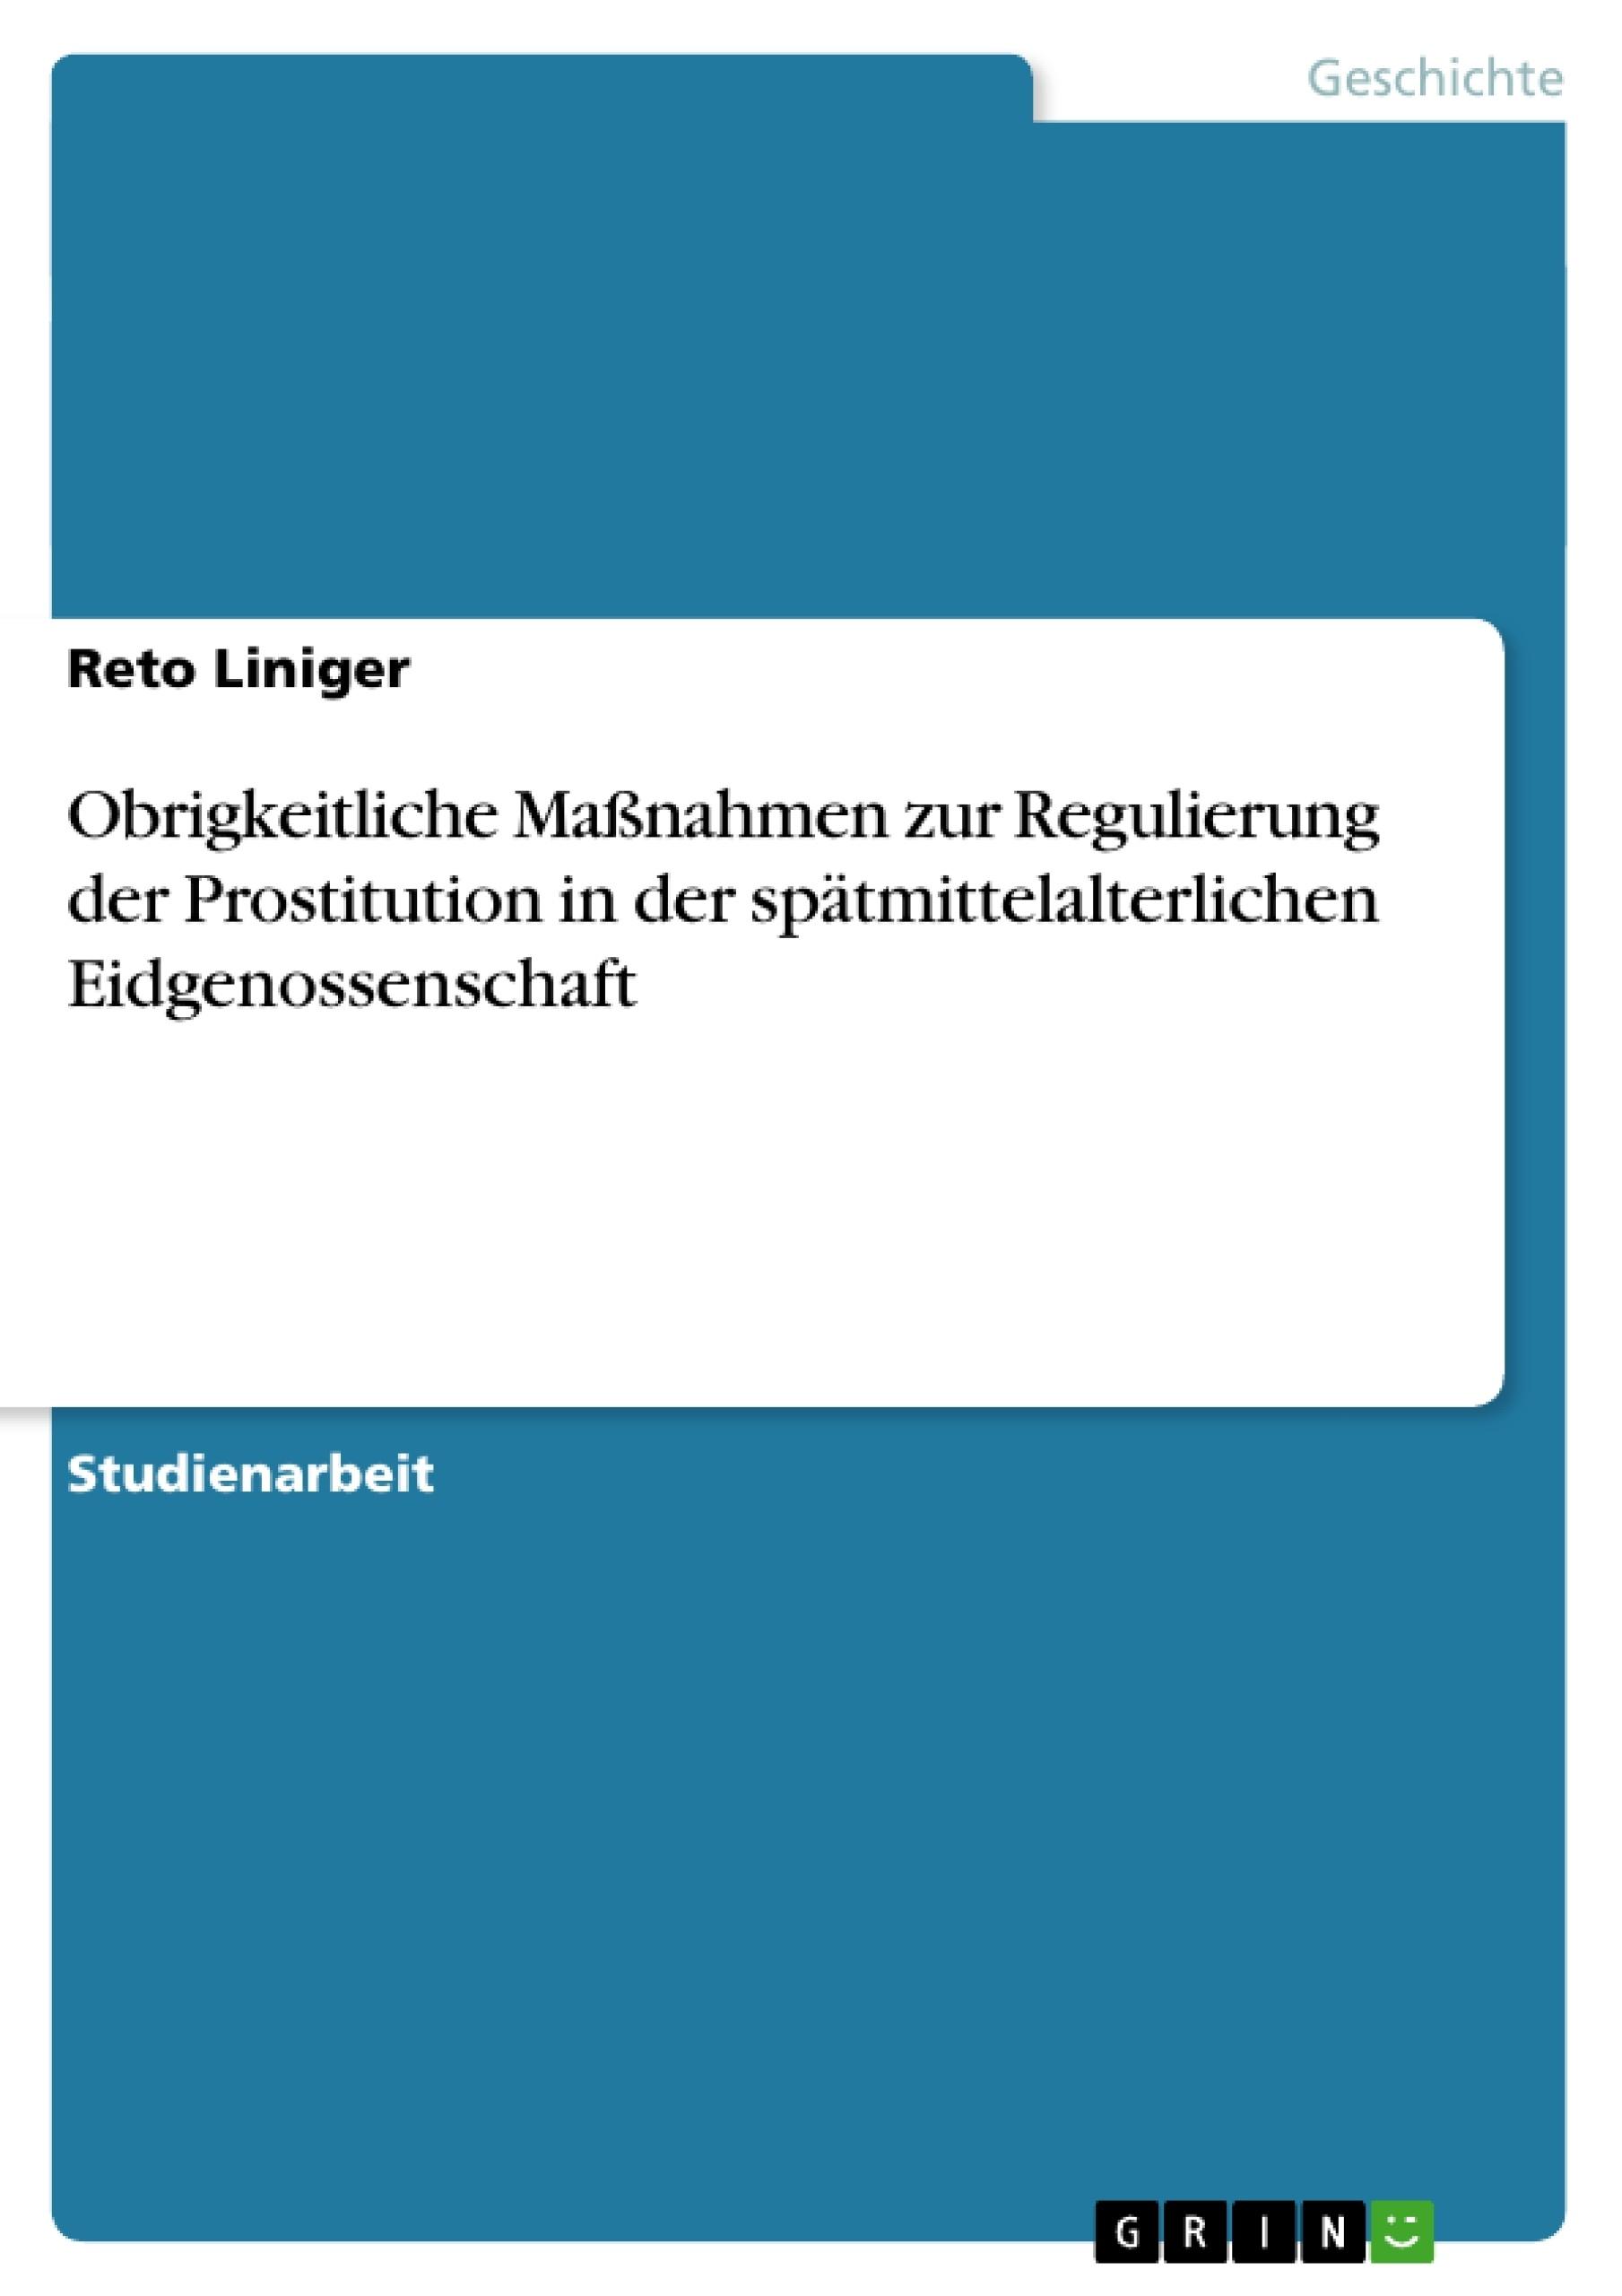 Titel: Obrigkeitliche Maßnahmen zur Regulierung der Prostitution in der spätmittelalterlichen Eidgenossenschaft